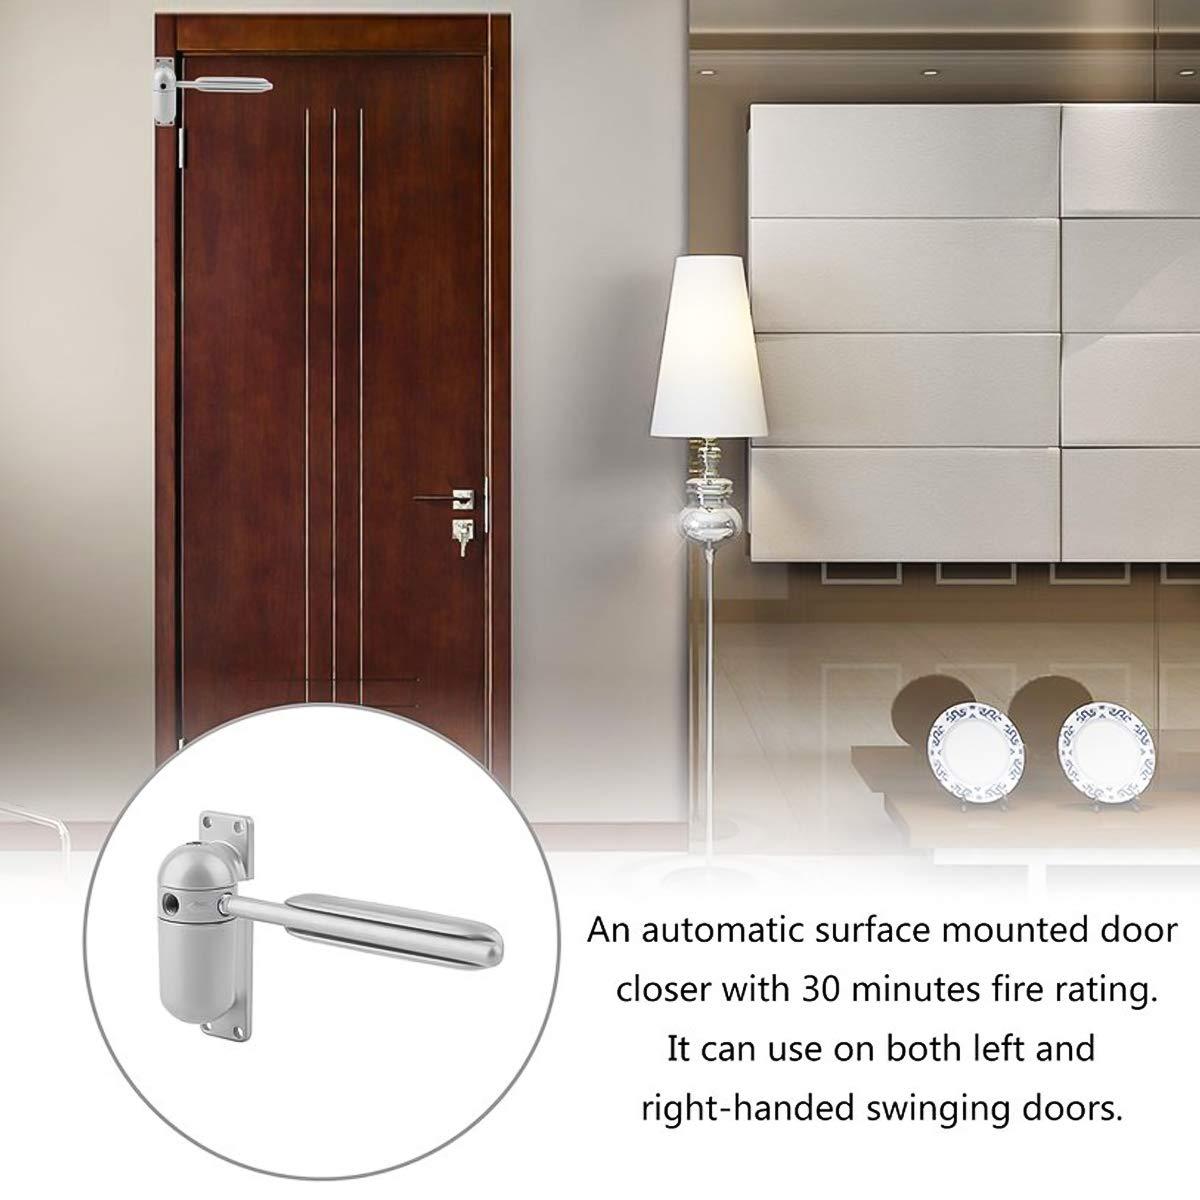 SOONHUA Household Light Track Door Closer Adjustable Surface Mounted Automatic Door Door Closer Spring Loaded for Auto Closing Household Light Track Door Closer